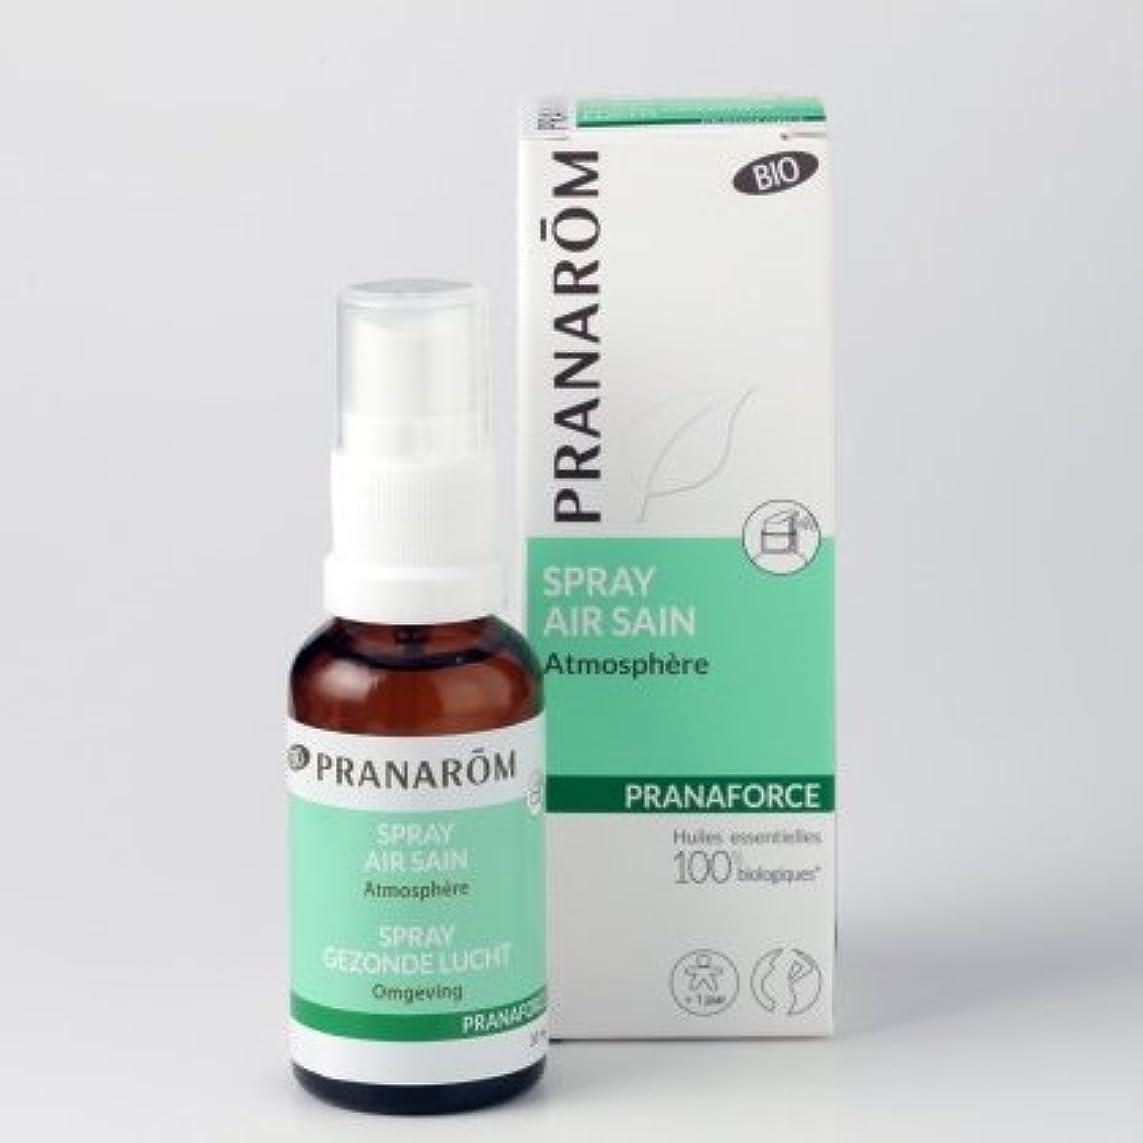 フレキシブル服を片付けるリファインメディカルアロマのプラナロムが作った芳香剤 プラナフォーススプレー